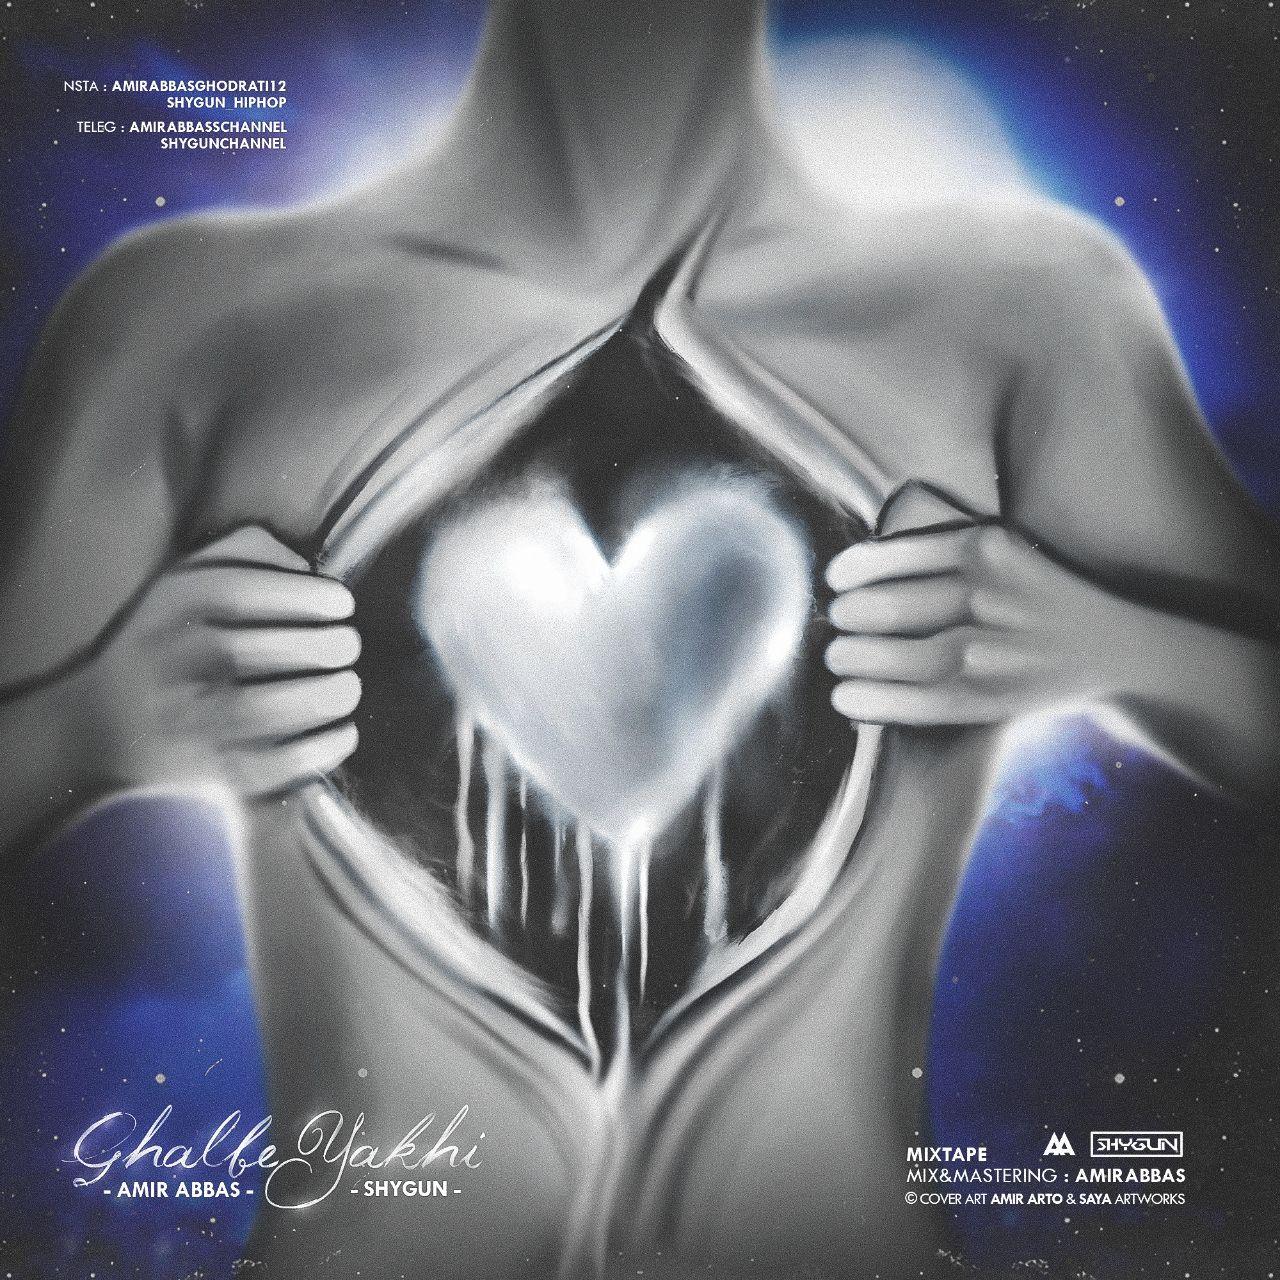 آلبوم جدید قلب یخی از امیرعباس و شایگان